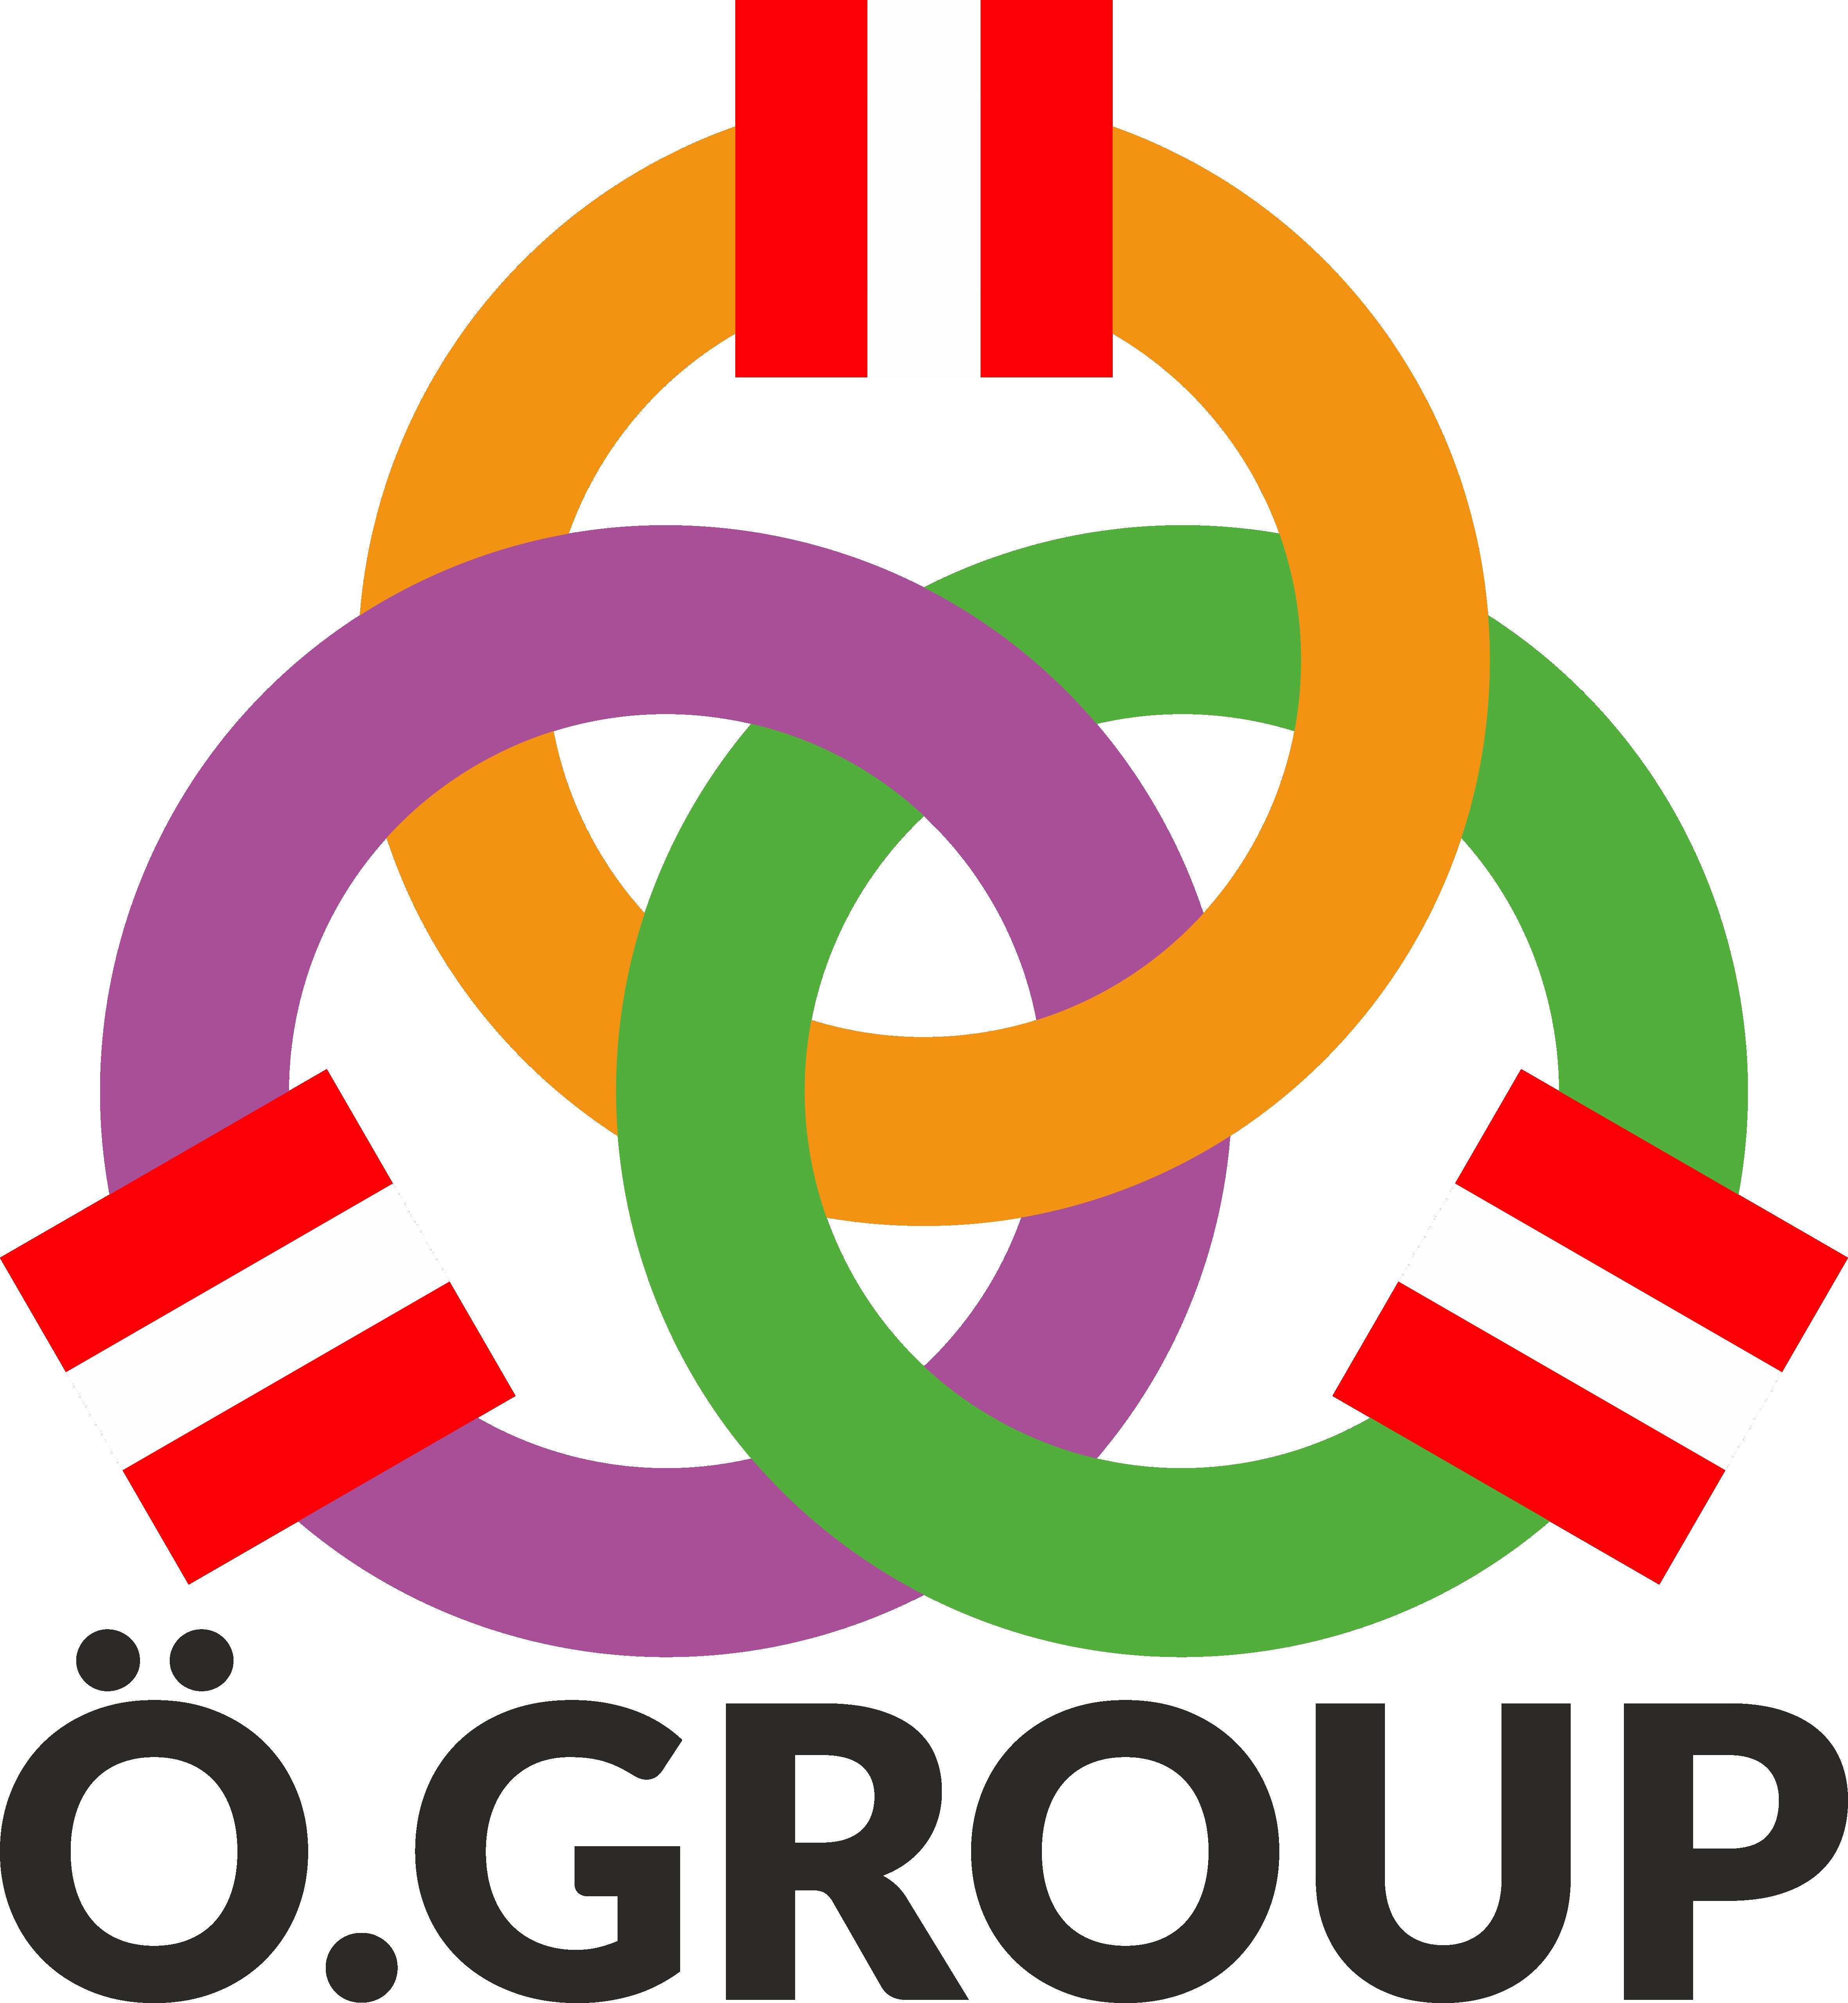 Ö.Group